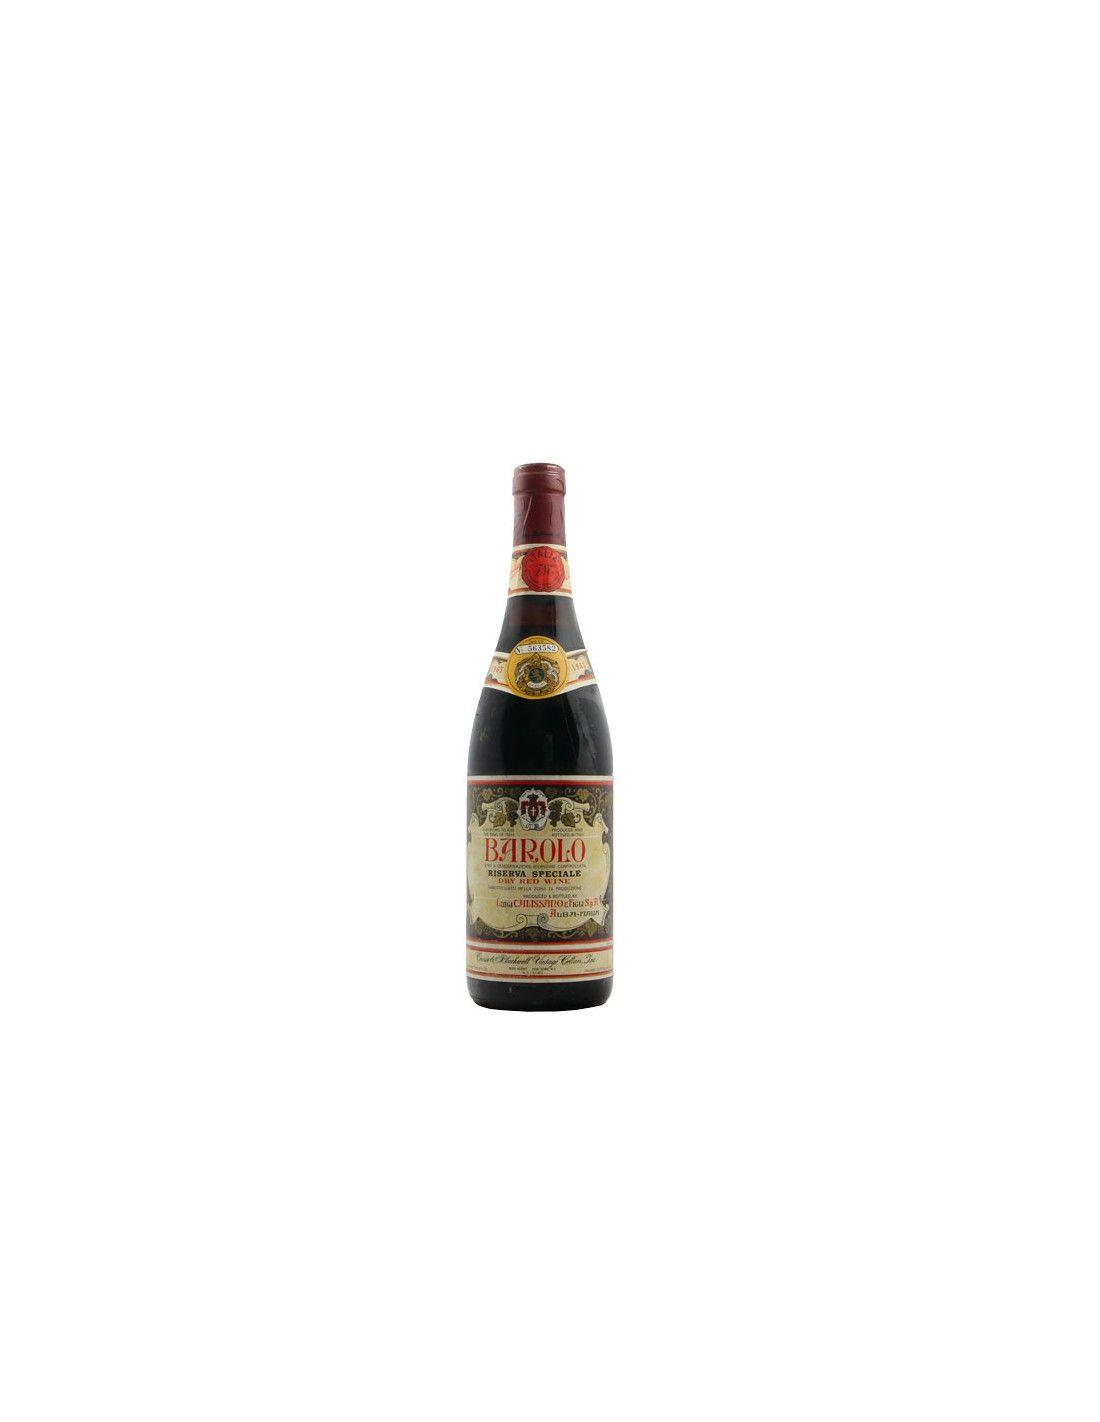 BAROLO 1965 CALISSANO Grandi Bottiglie